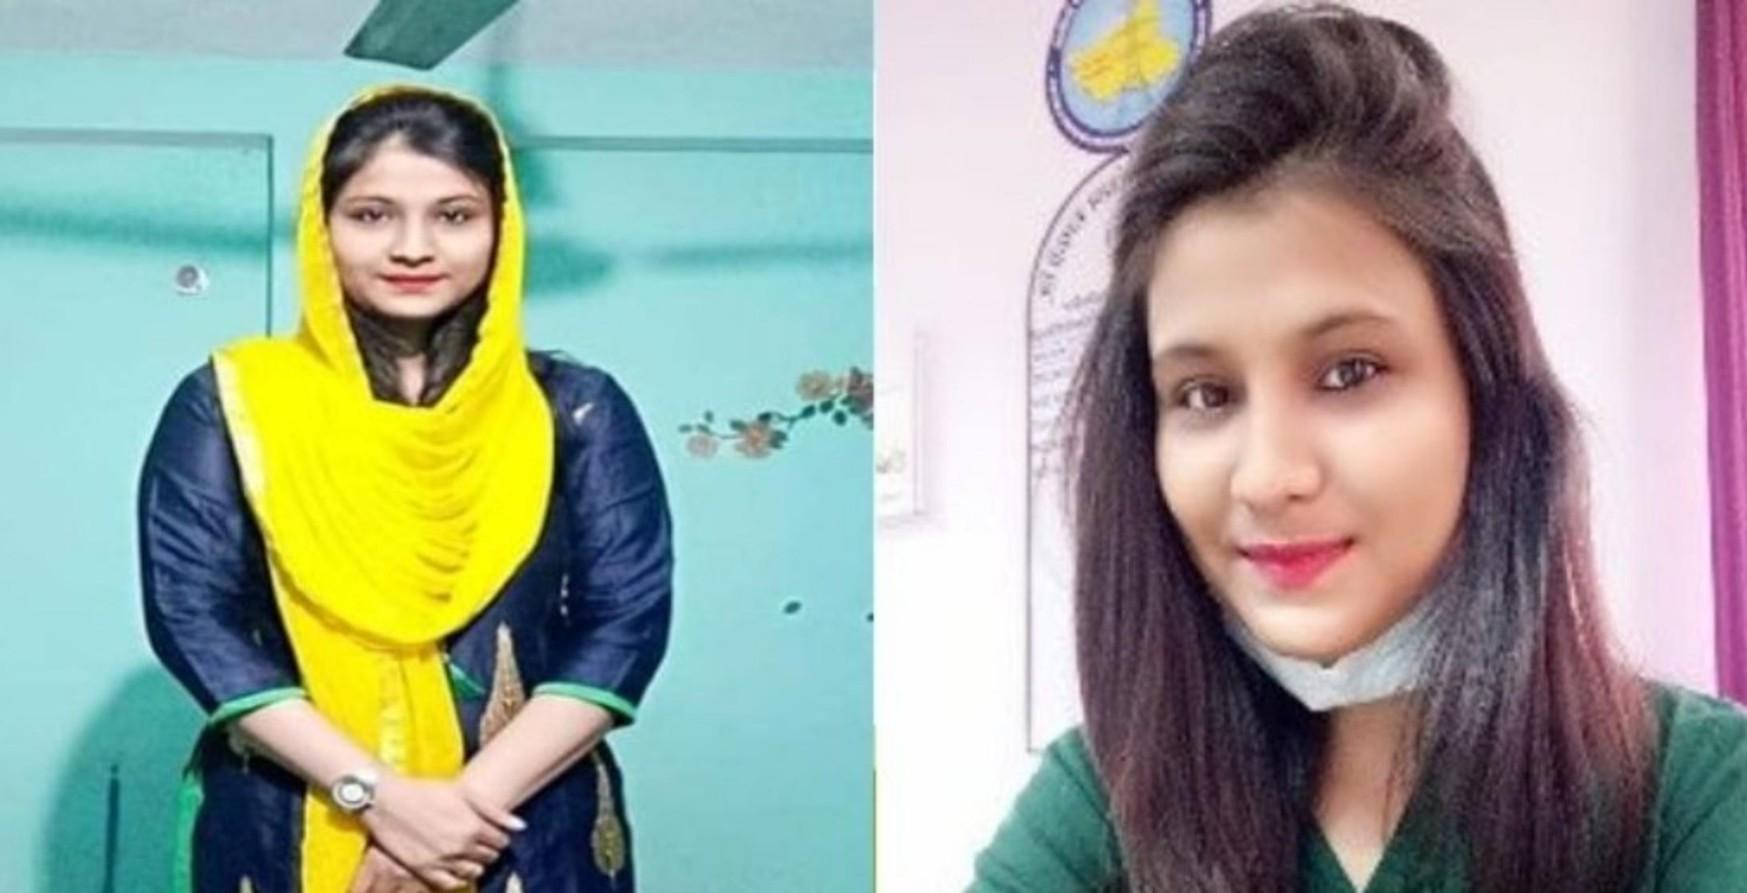 Razia Sultan BPSC Success Story